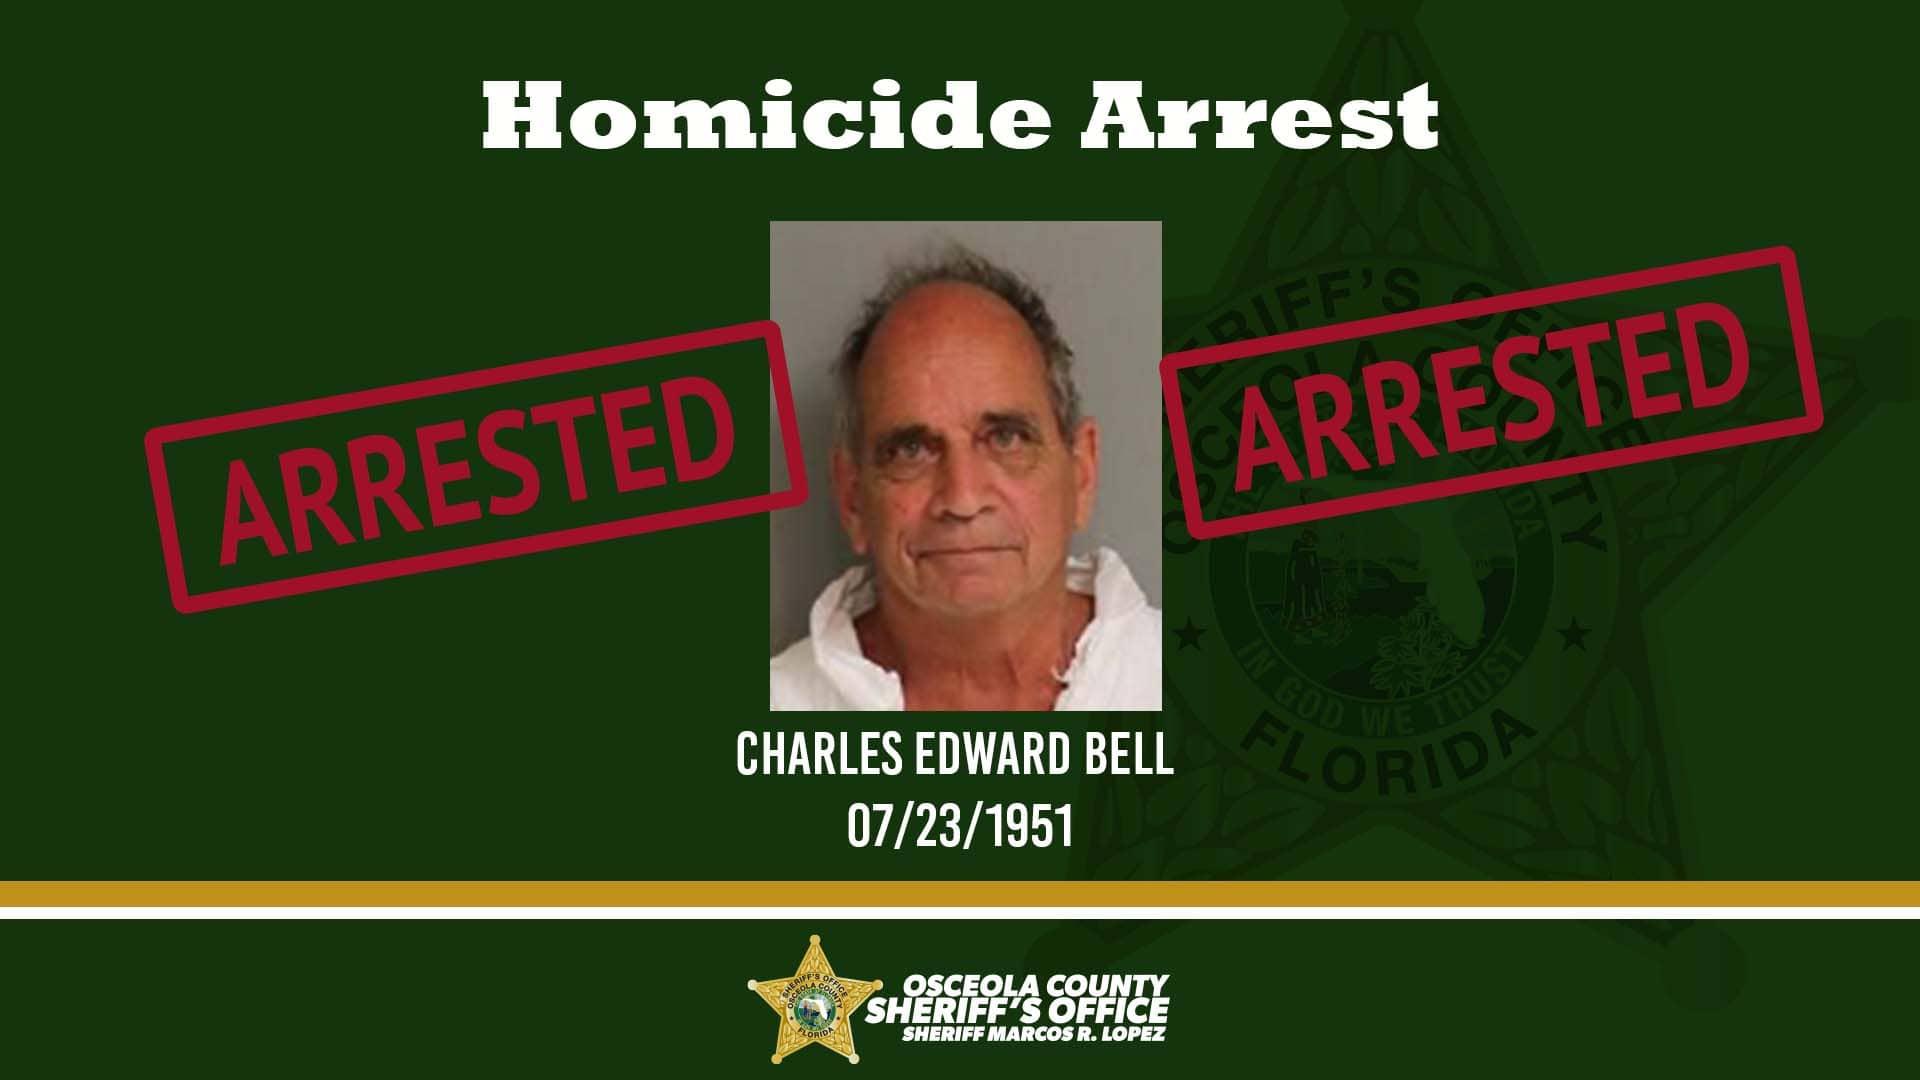 Charles_edward_bell_arrested